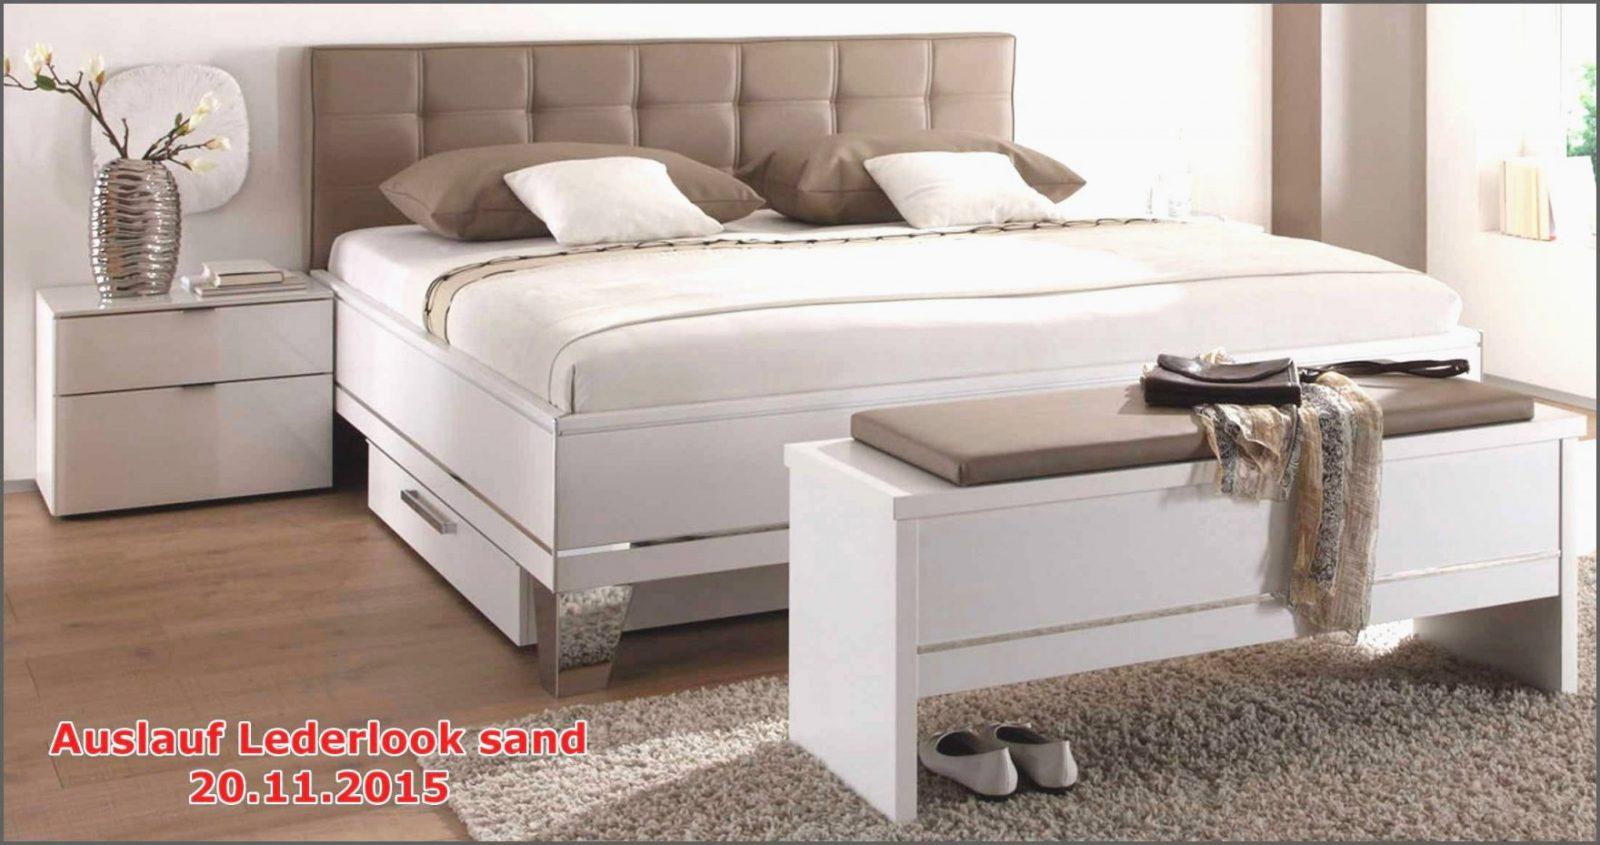 43 Einzig Bett Zum Ausziehen Auf Gleicher Höhe  Hauptentwürfe von Bett Zum Ausziehen Gleiche Höhe Bild